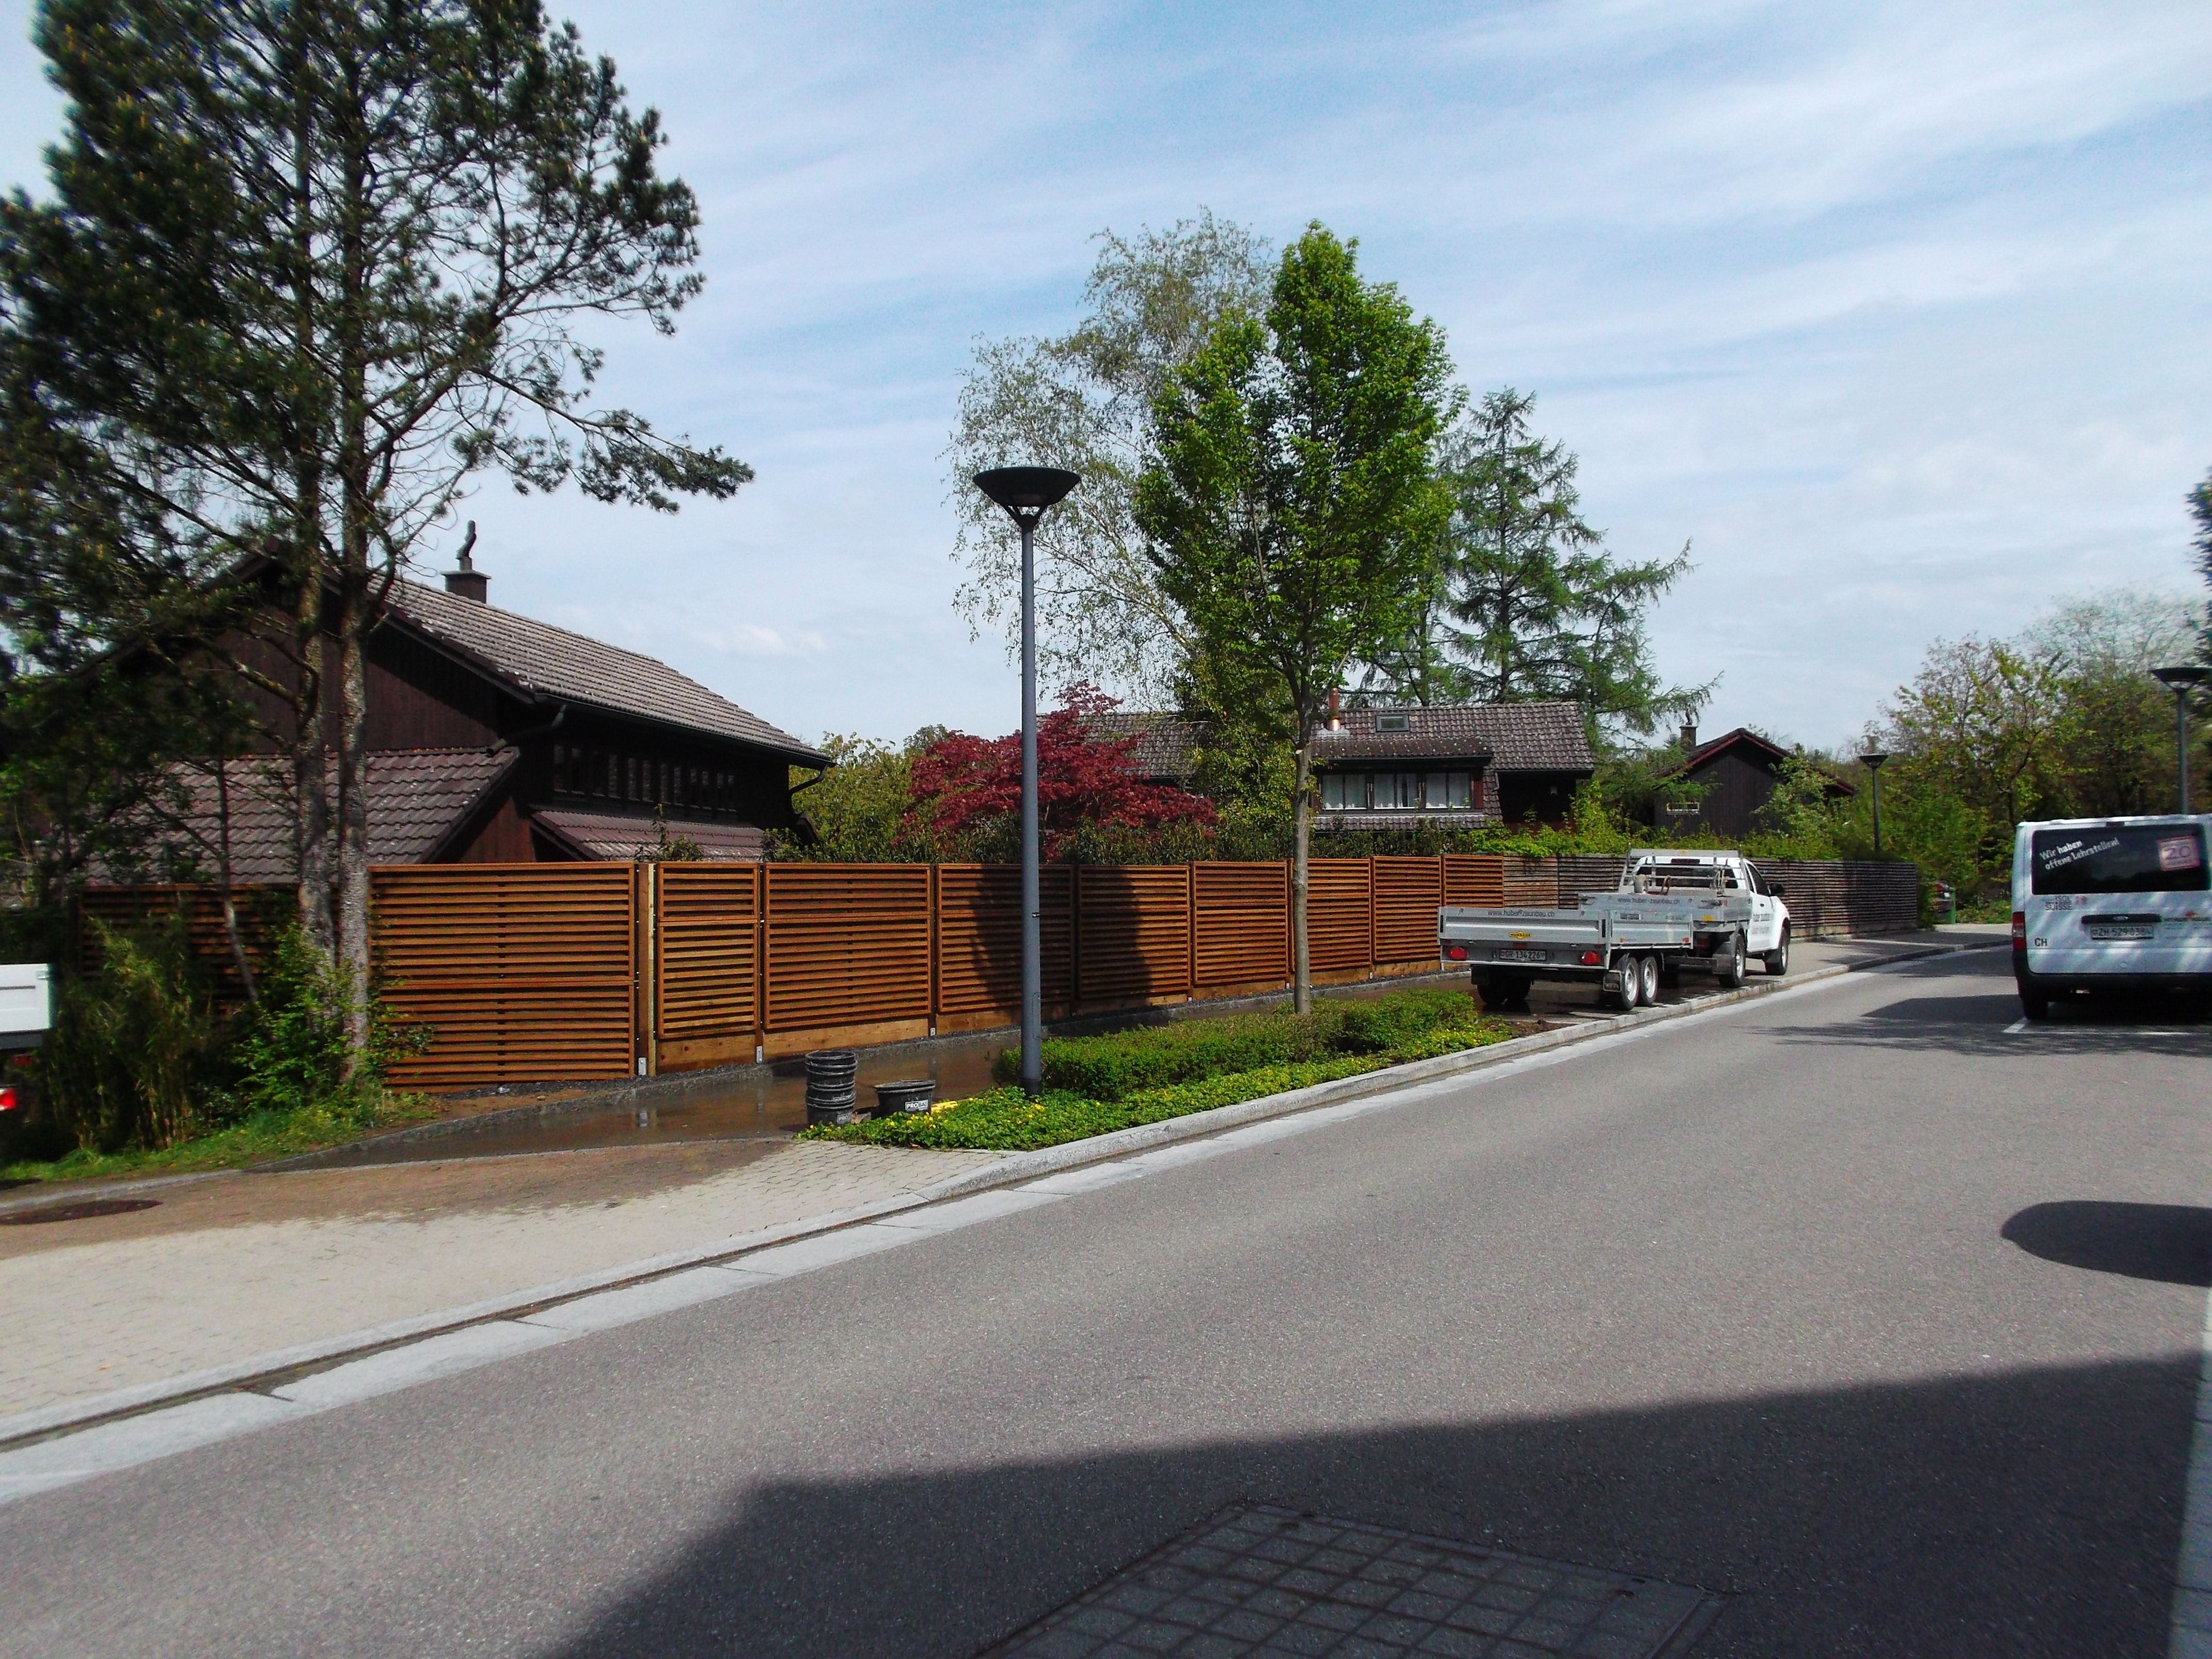 Lärmschutzwand in Bad Ragaz(SG) Augu